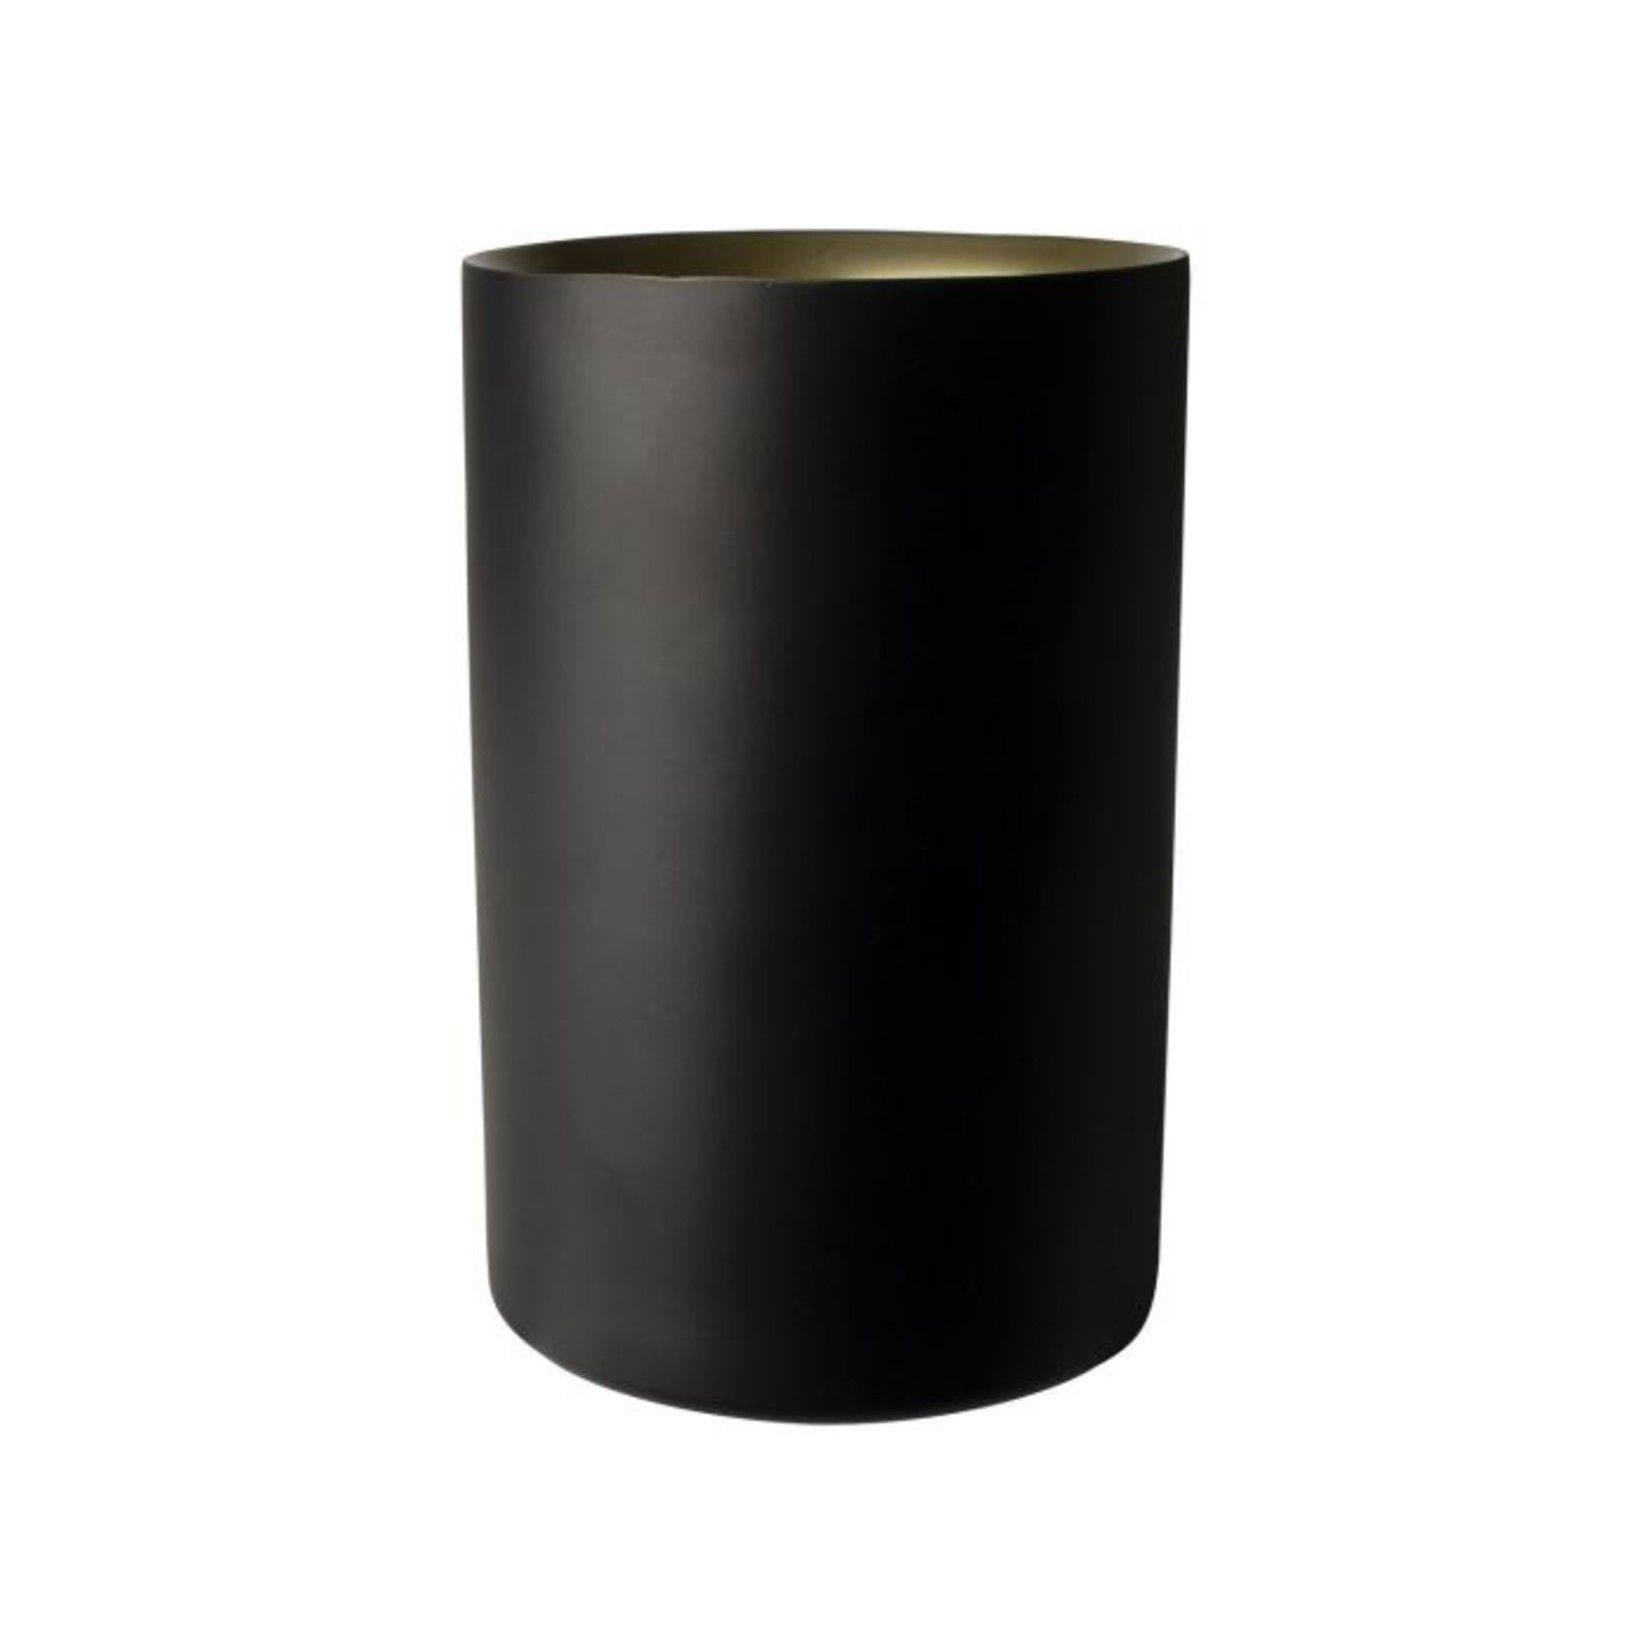 Wijnkoeler zwart/goud